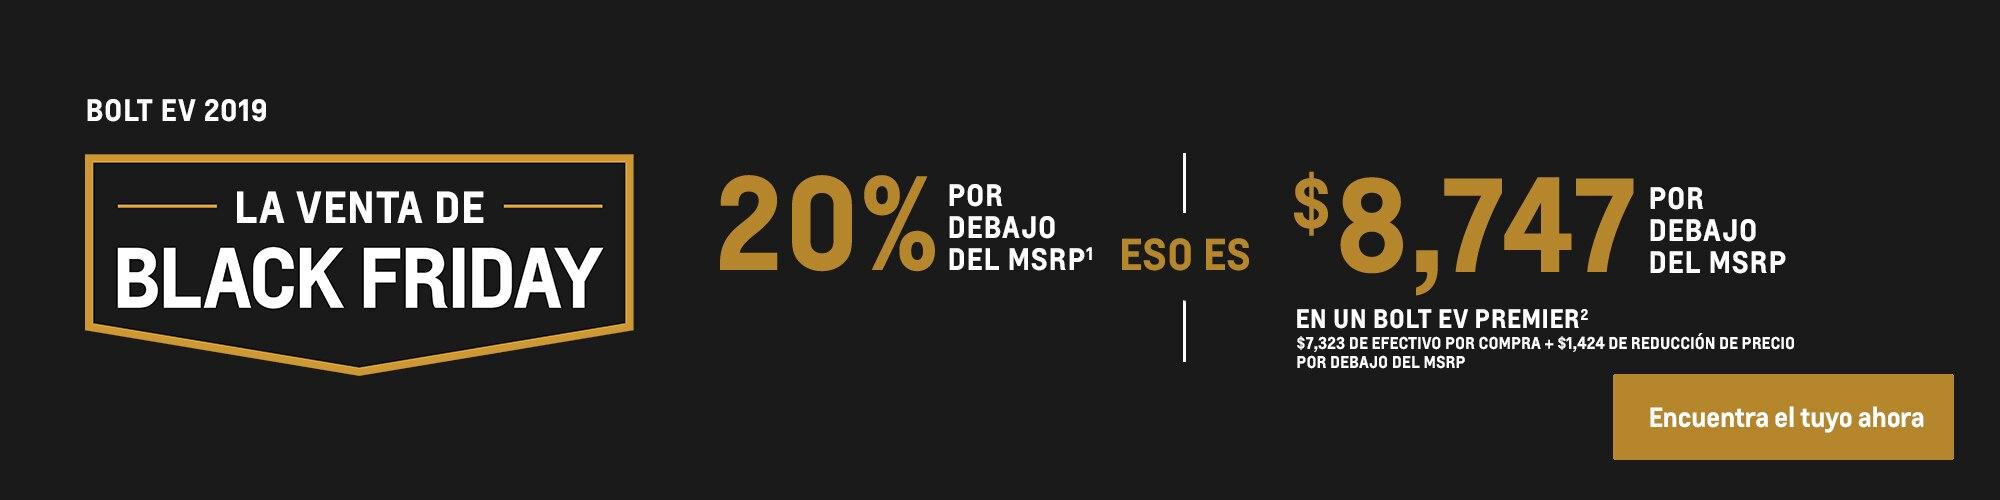 Bolt EV 2019: 20% por debajo del MSRP